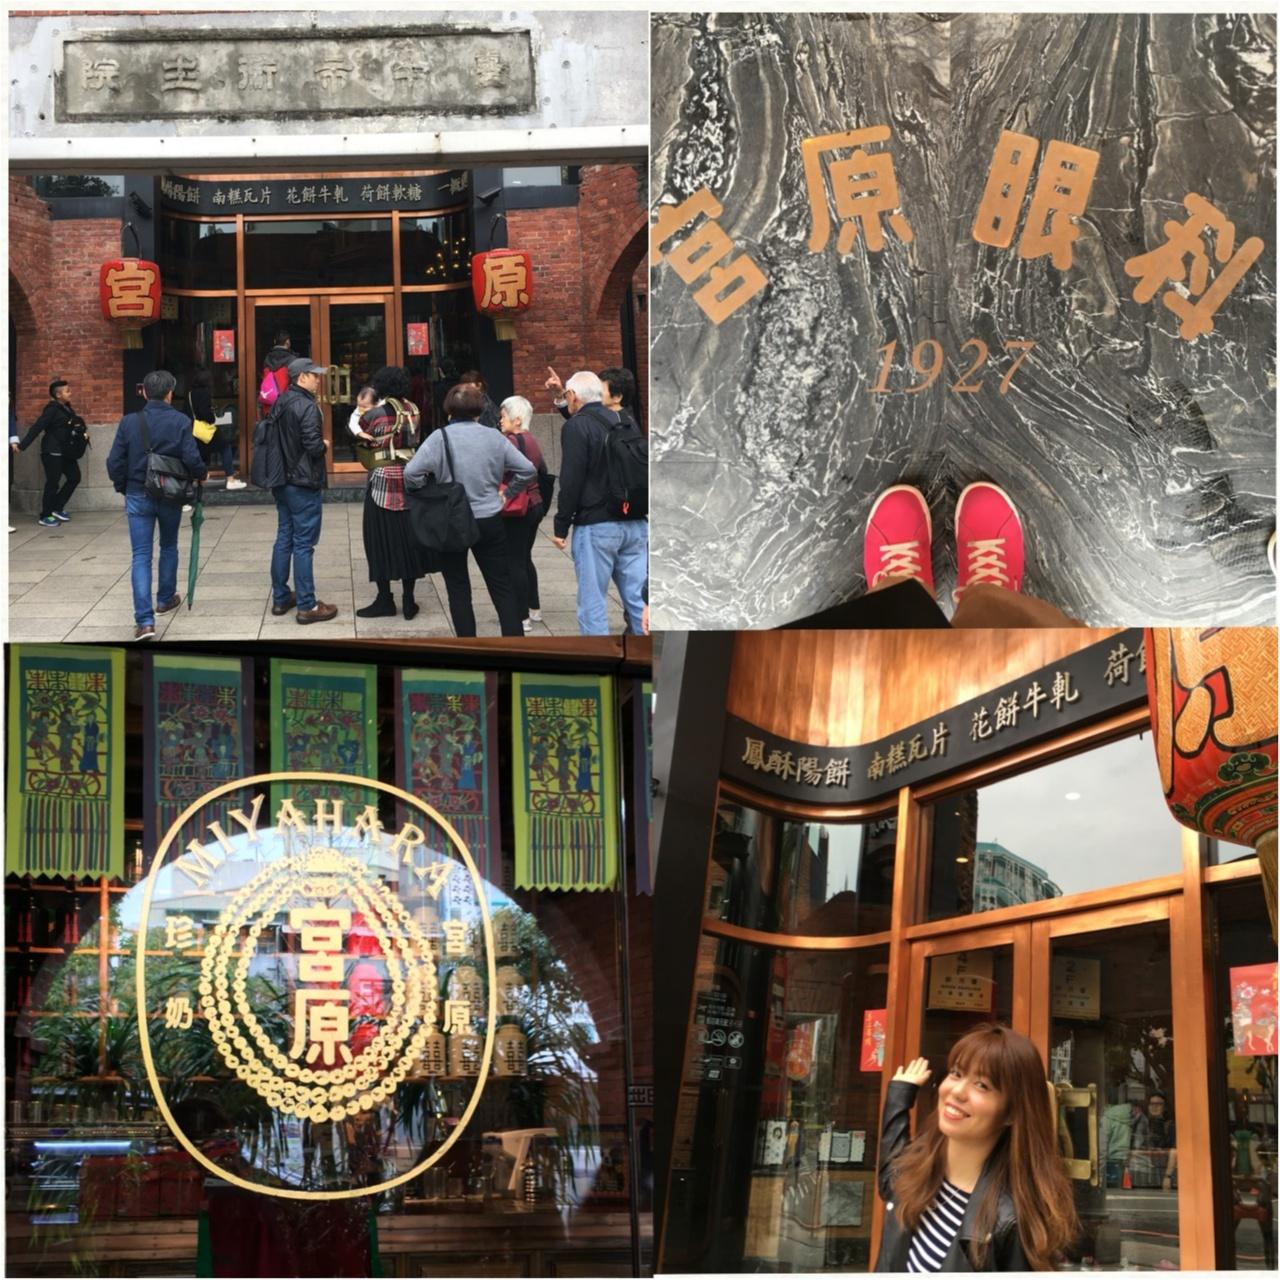 """≪台湾旅行≫台北に来たら少し足を伸ばして行って欲しい!台中のフォトジェニックスポット""""宮原眼科""""♡_4"""